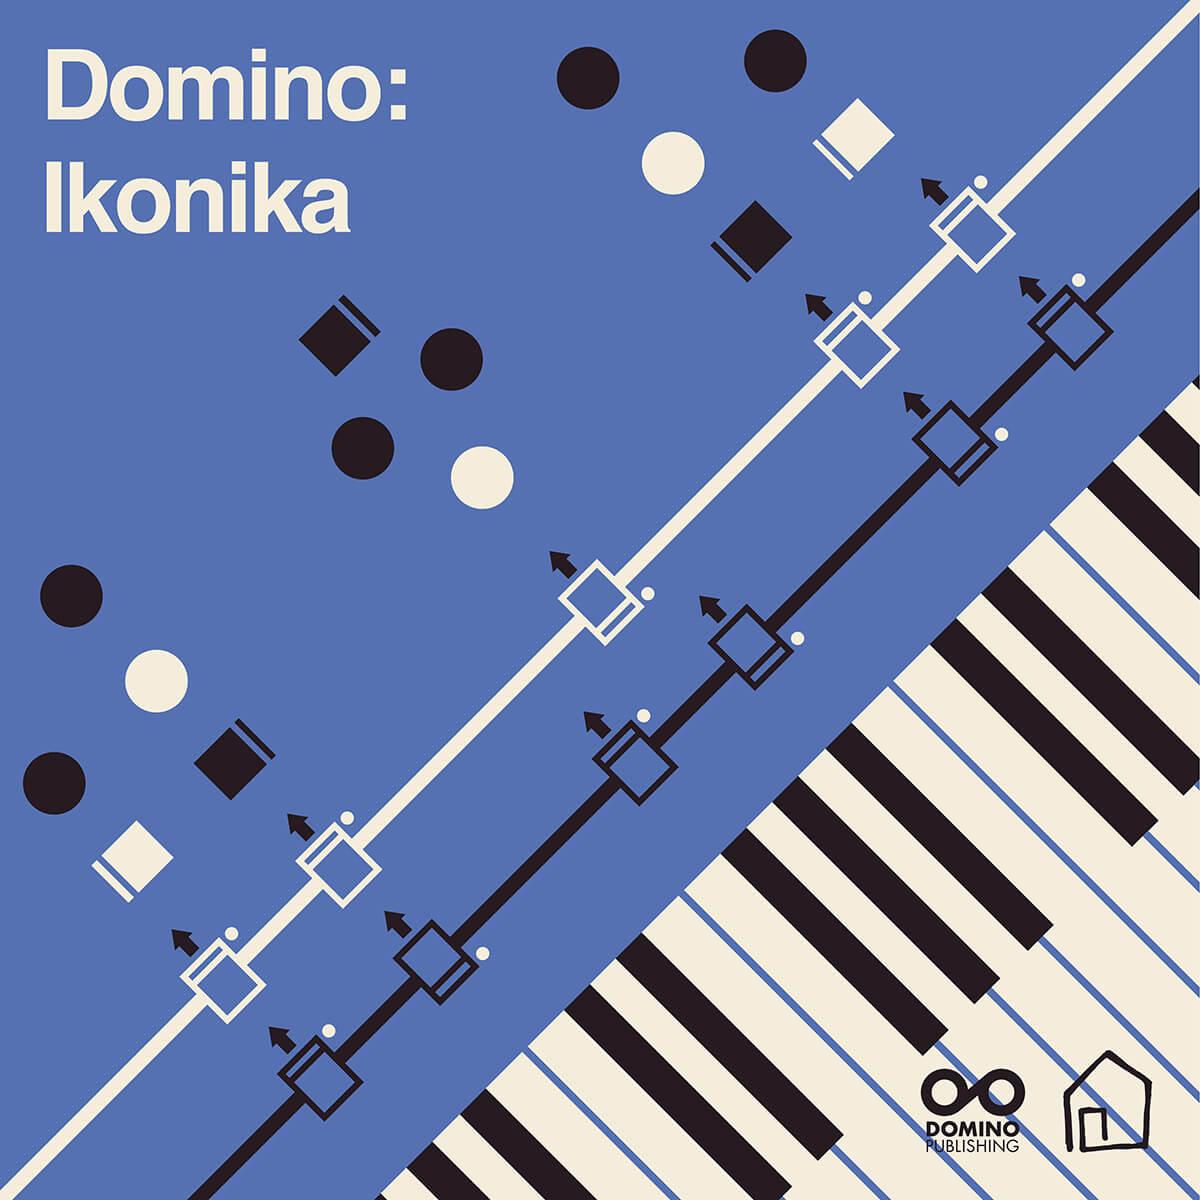 domino-ikonika-1